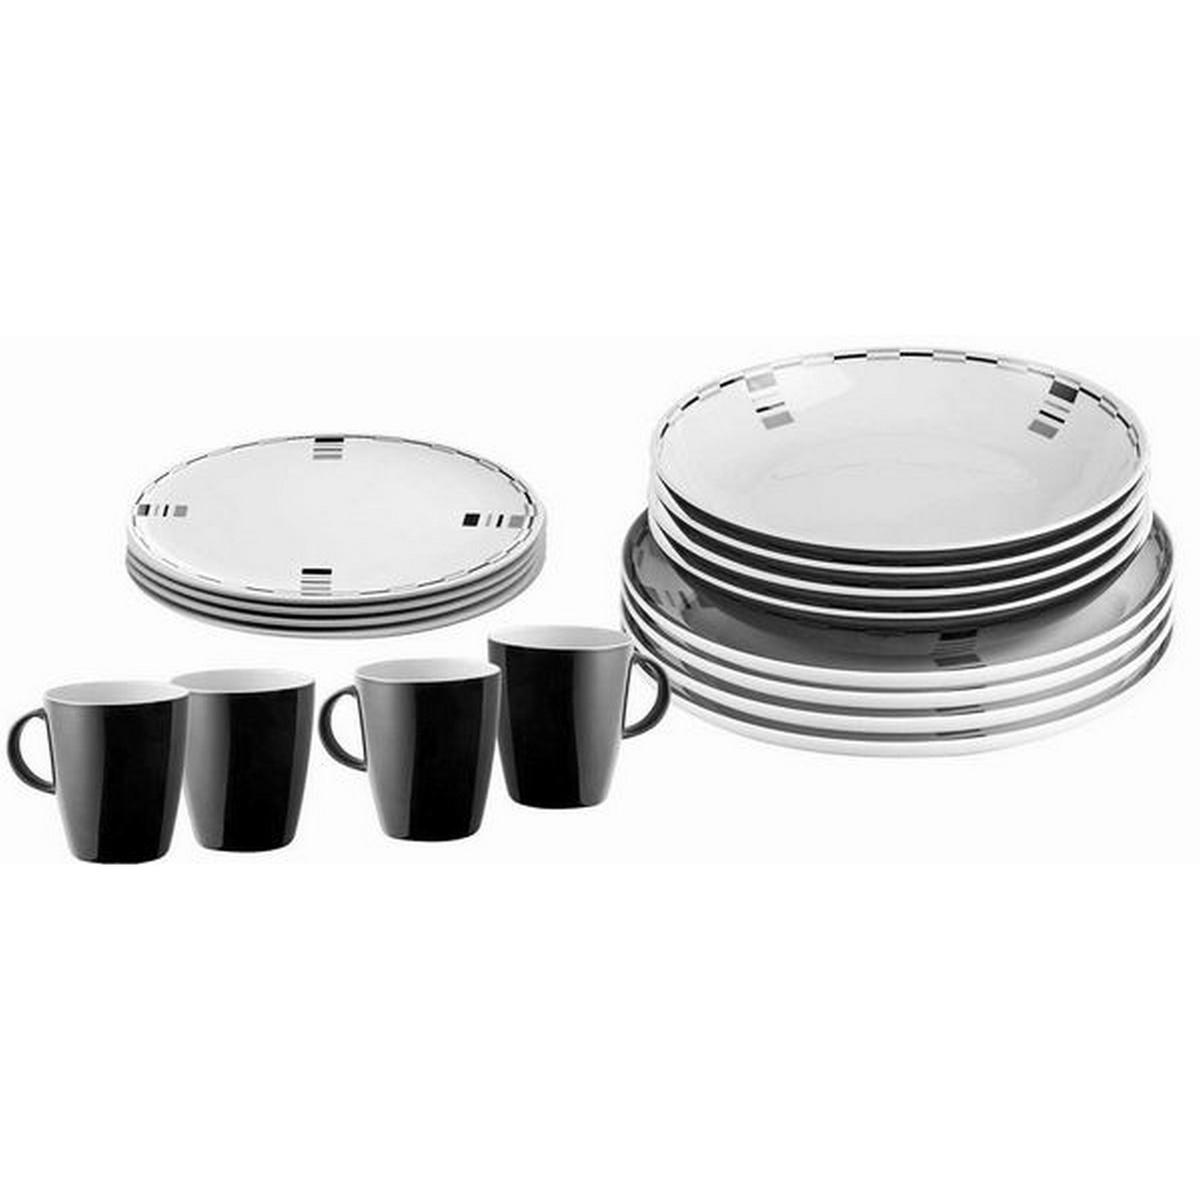 (ブルンナー) Brunner Lunch Box メラミン 食器16点セット 皿 プレート マグカップ ディナーウェア 【海外直送】